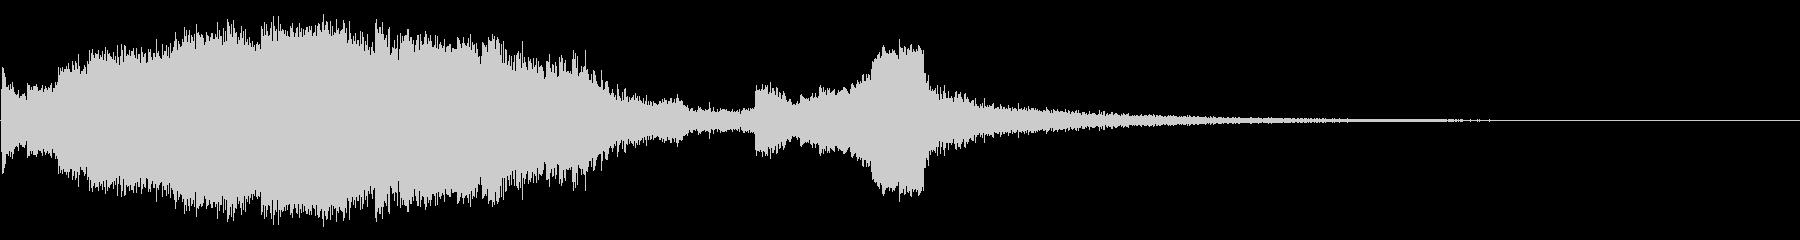 デジタルコンプレックスバースト1の未再生の波形